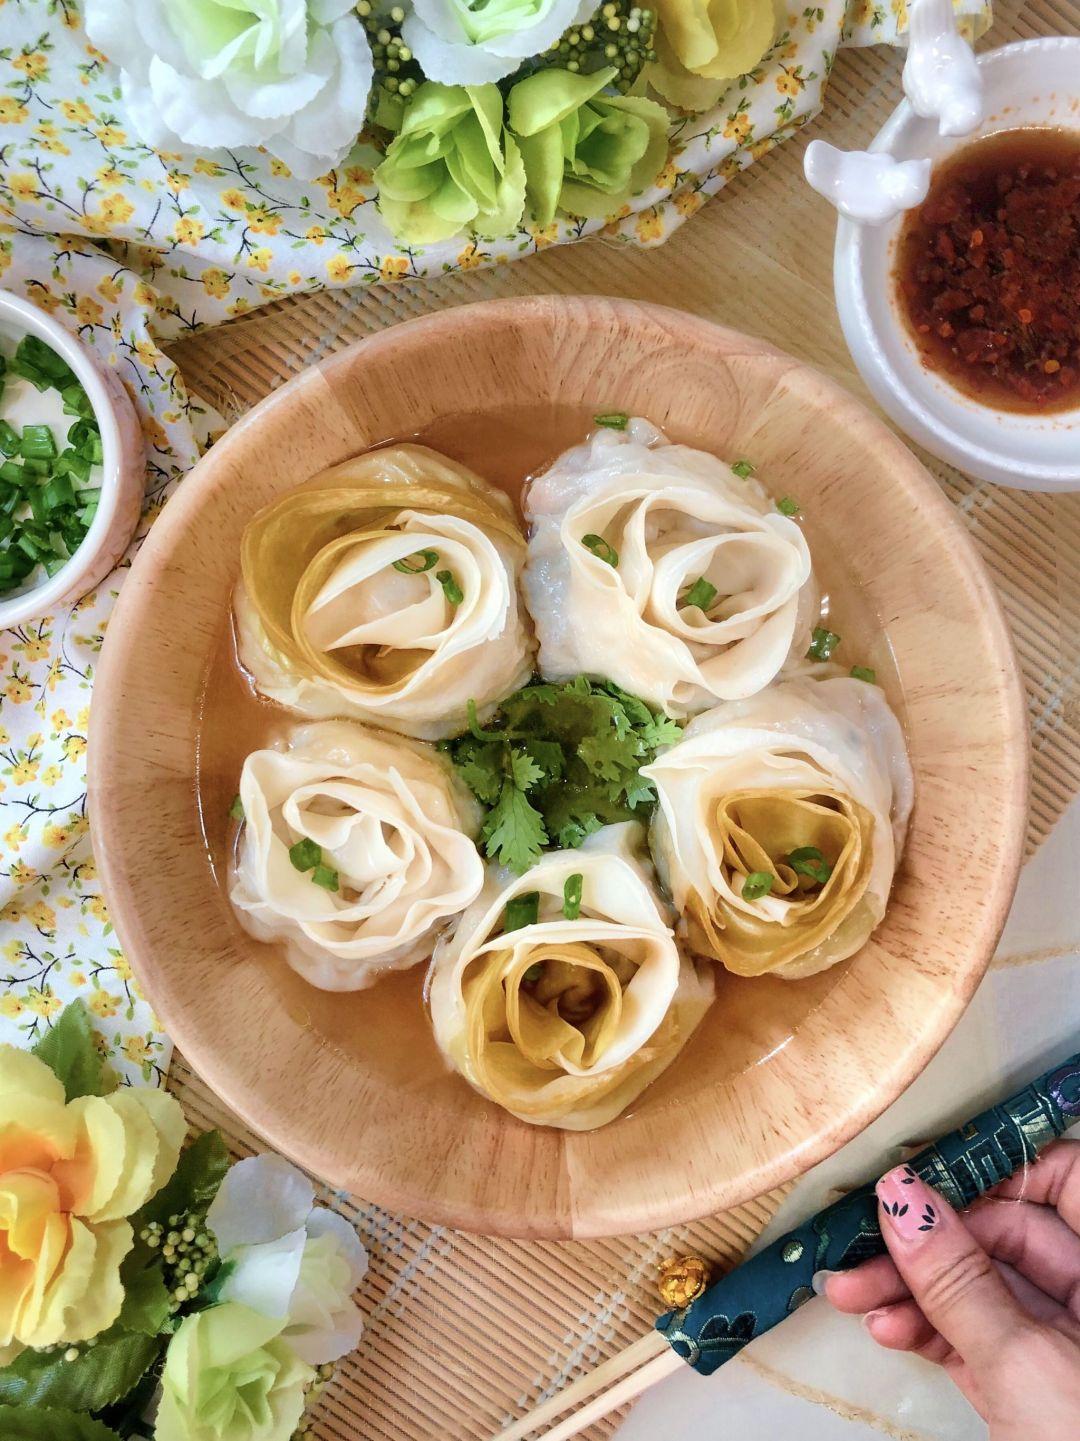 Rose Shape Dumplings